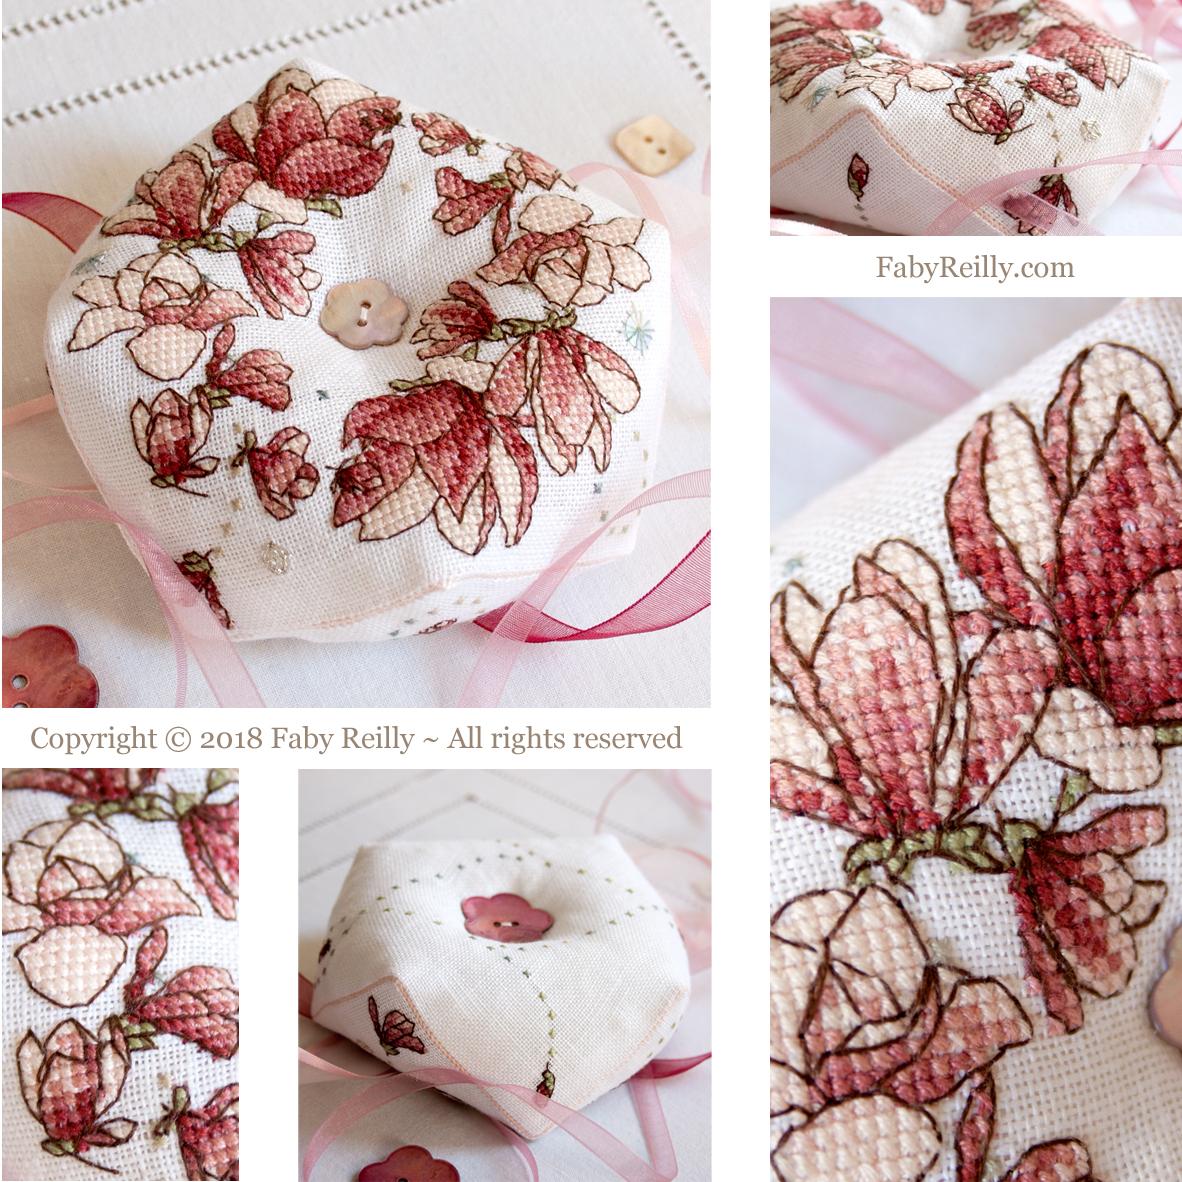 Magnolia biscornu faby reilly designs